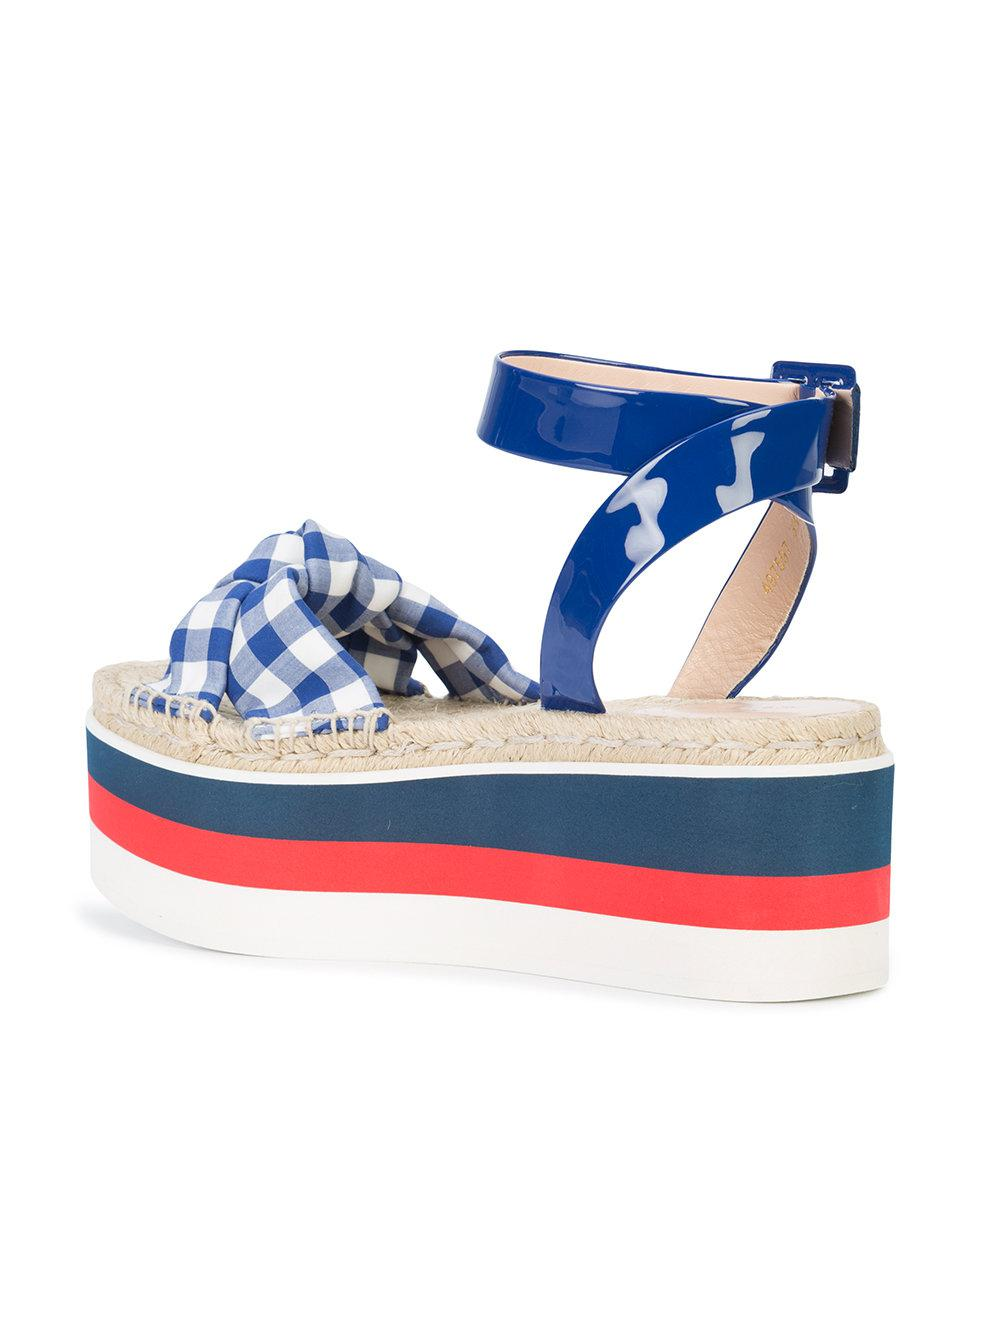 697debec4 Lyst - Gucci Gingham Flatform Sandals in Blue